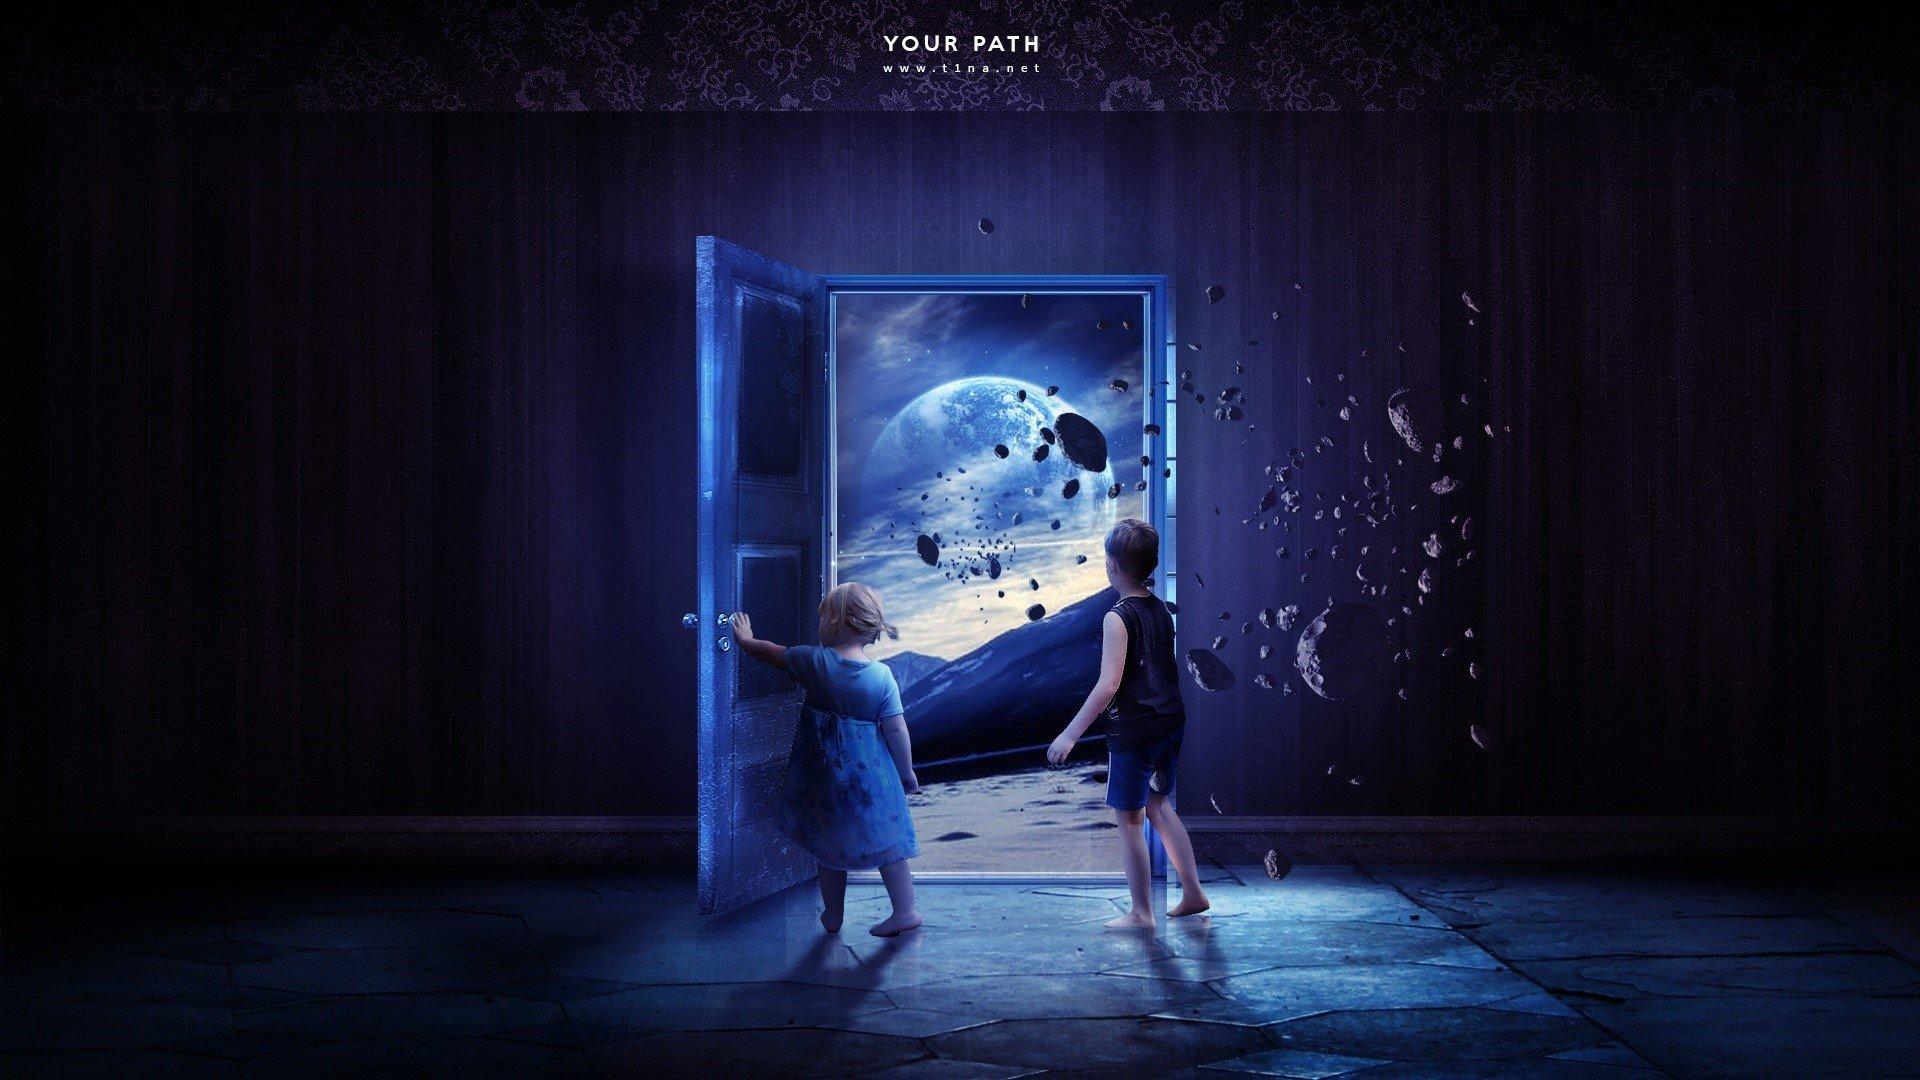 Fondo de pantalla de Niños en el espacio Imágenes